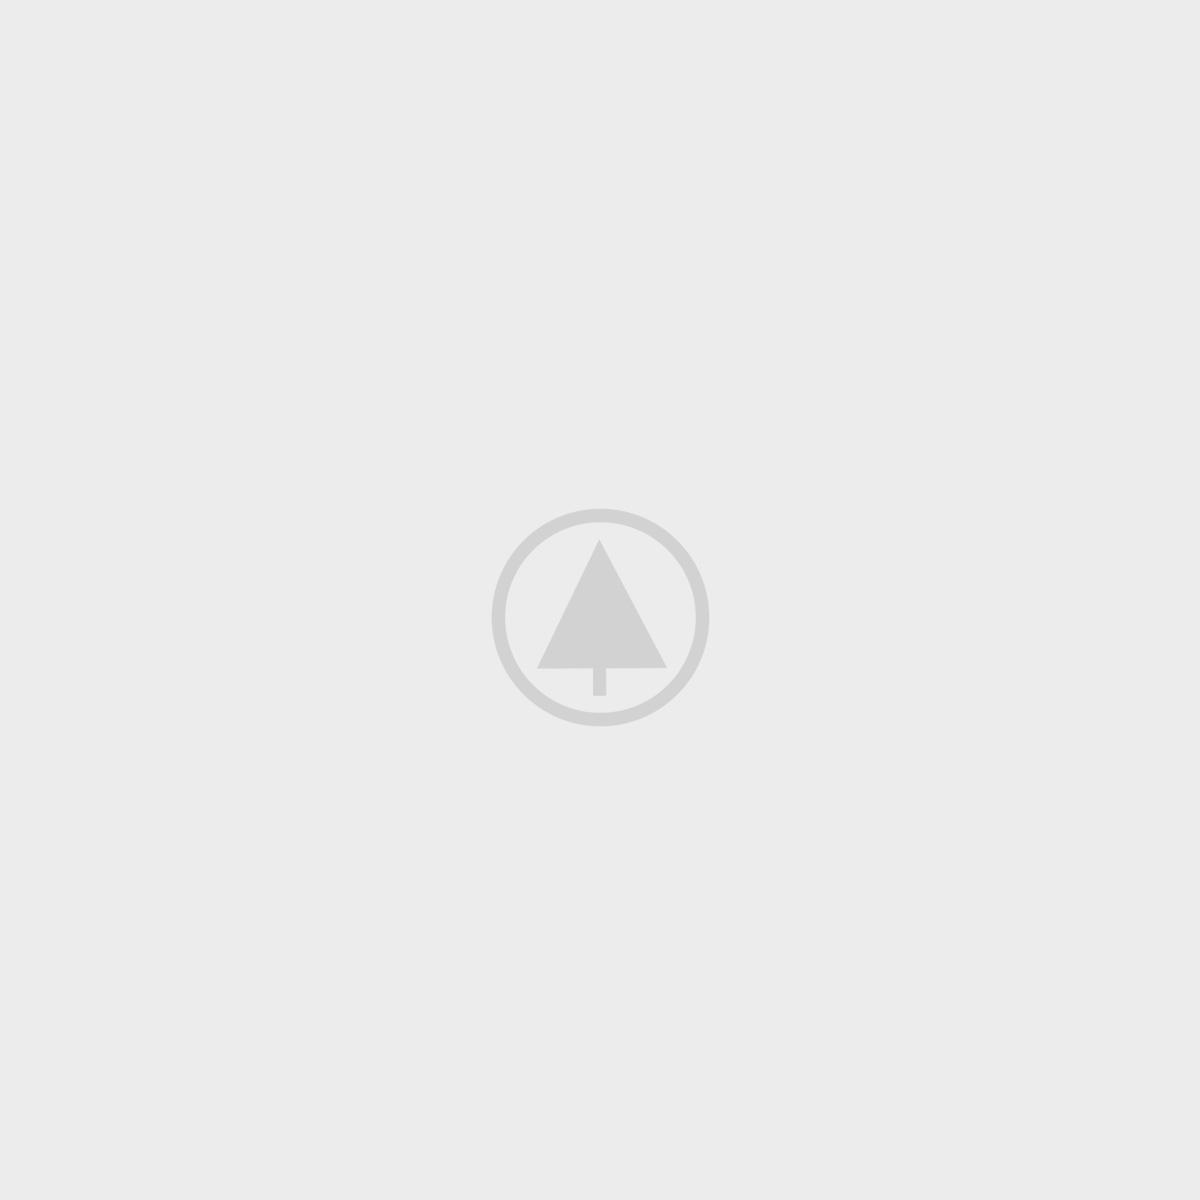 wood gallery placeholder ⭐⭐⭐⭐⭐ Nhà cung cấp máy Bán Hàng Tự Động, TSE Máy bán nước tự động Số 1